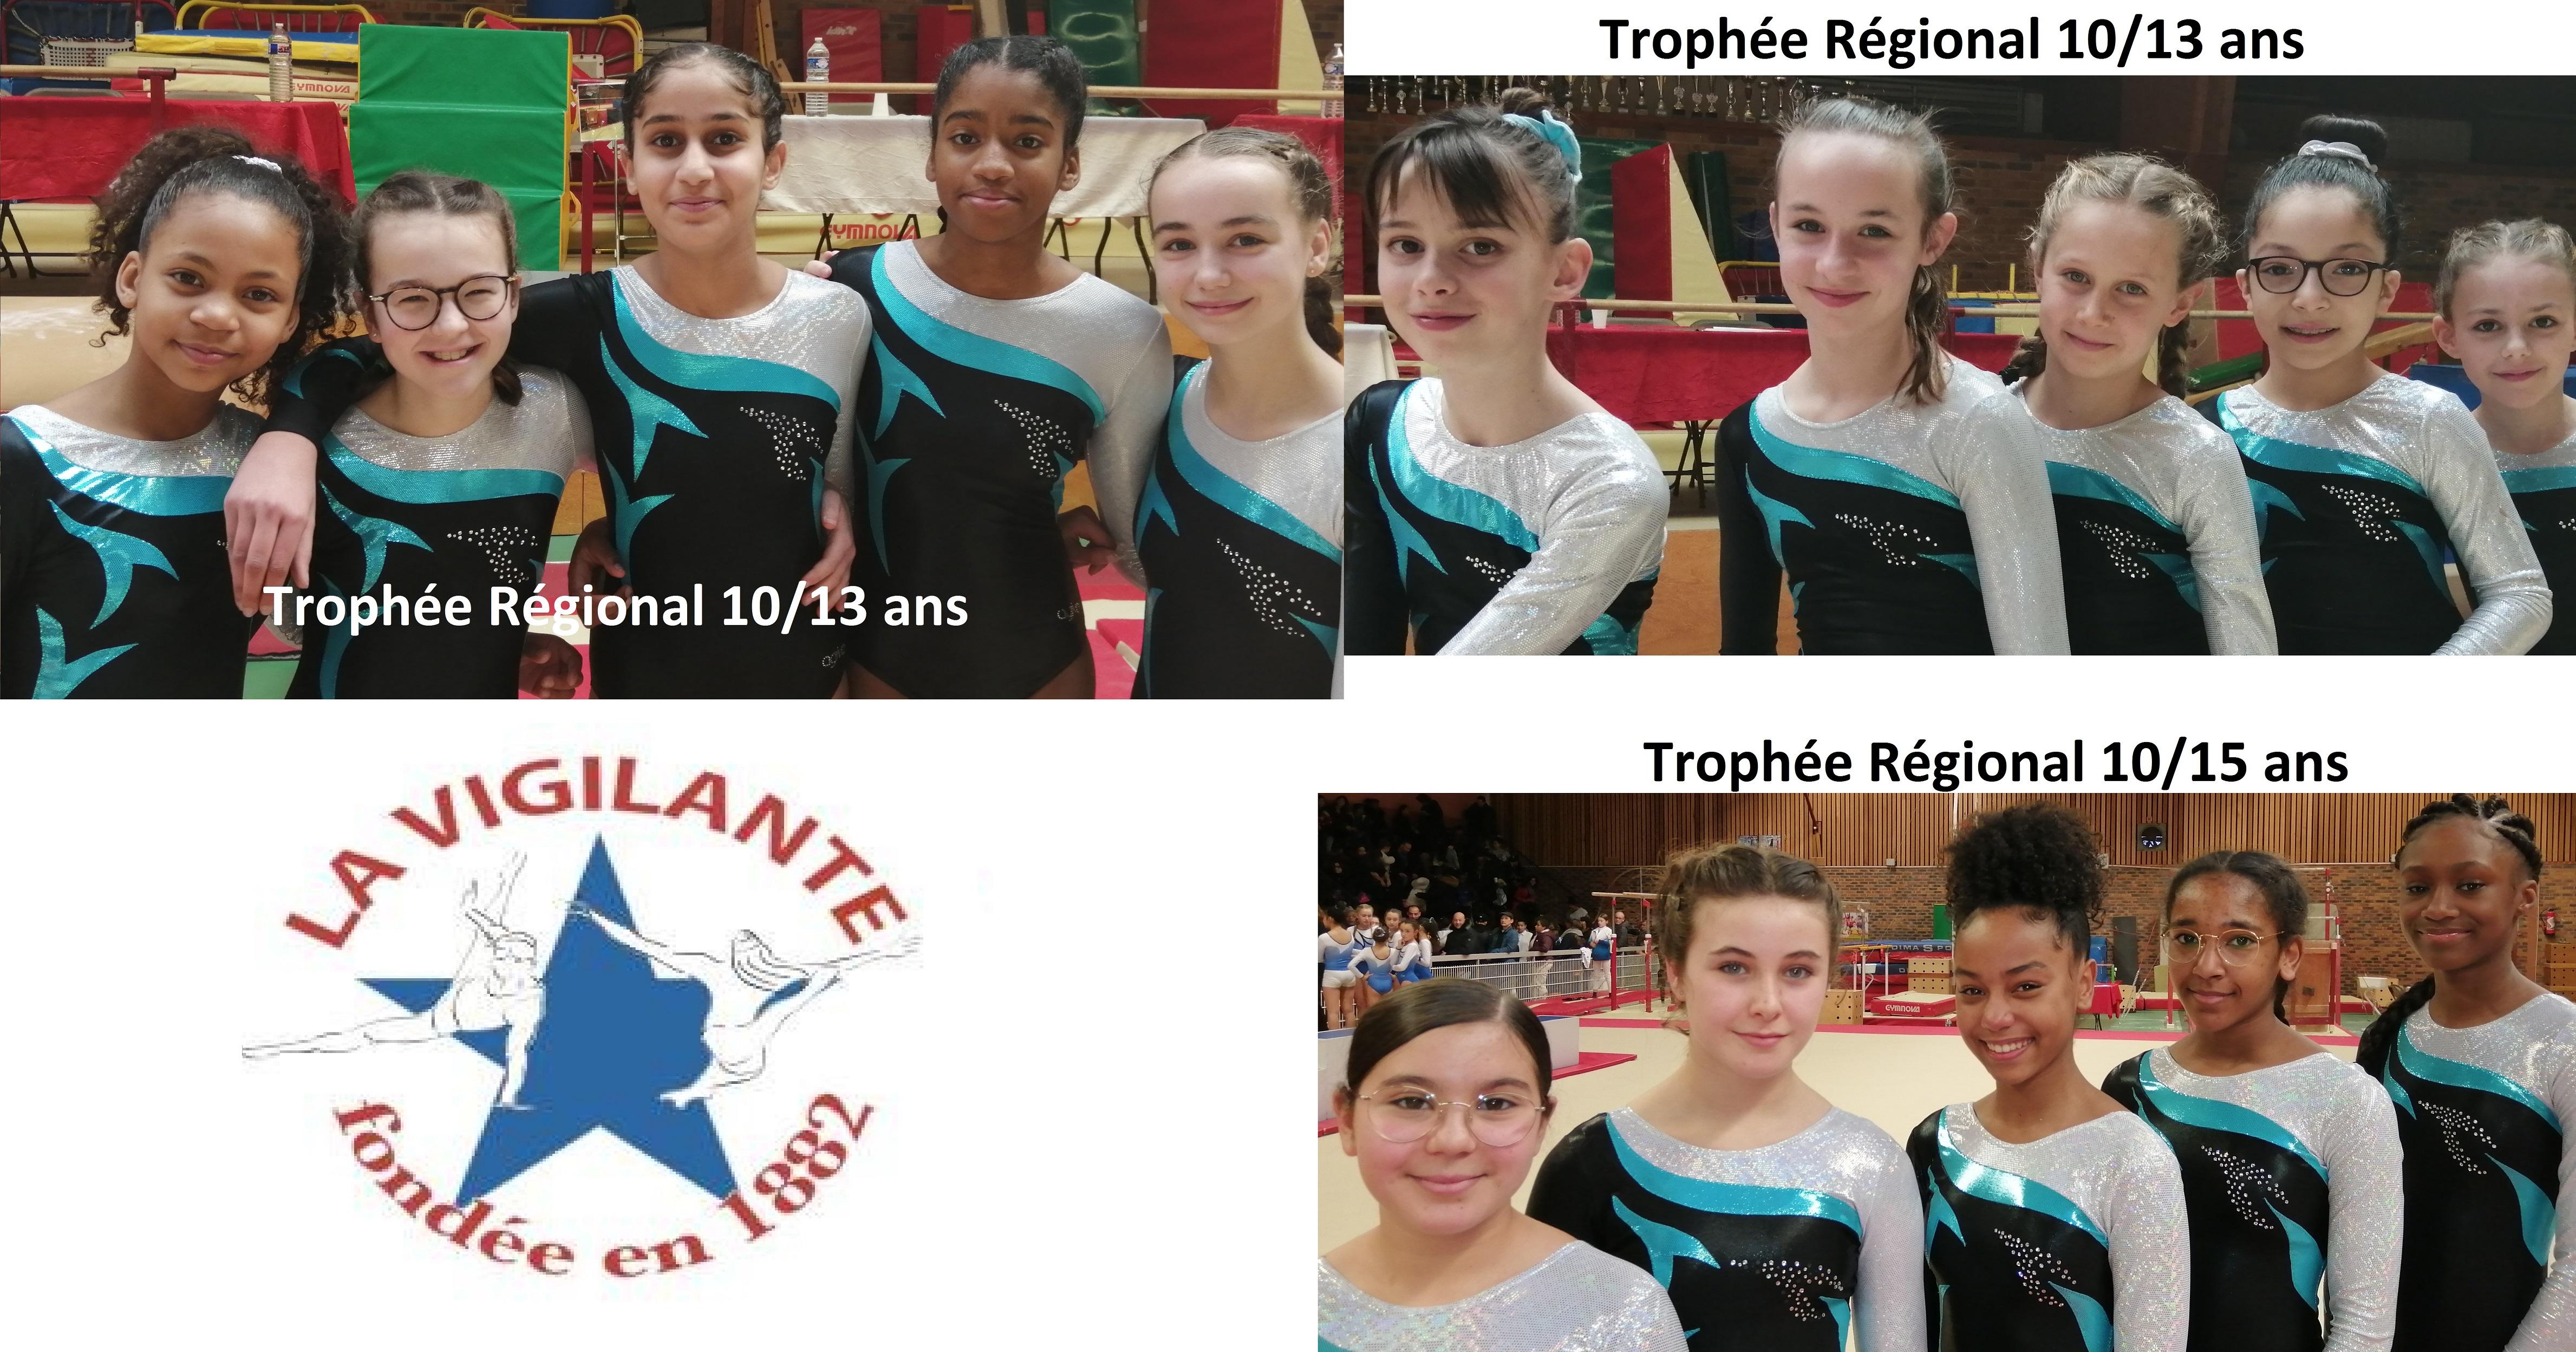 Dépt 2 Trophée Régional